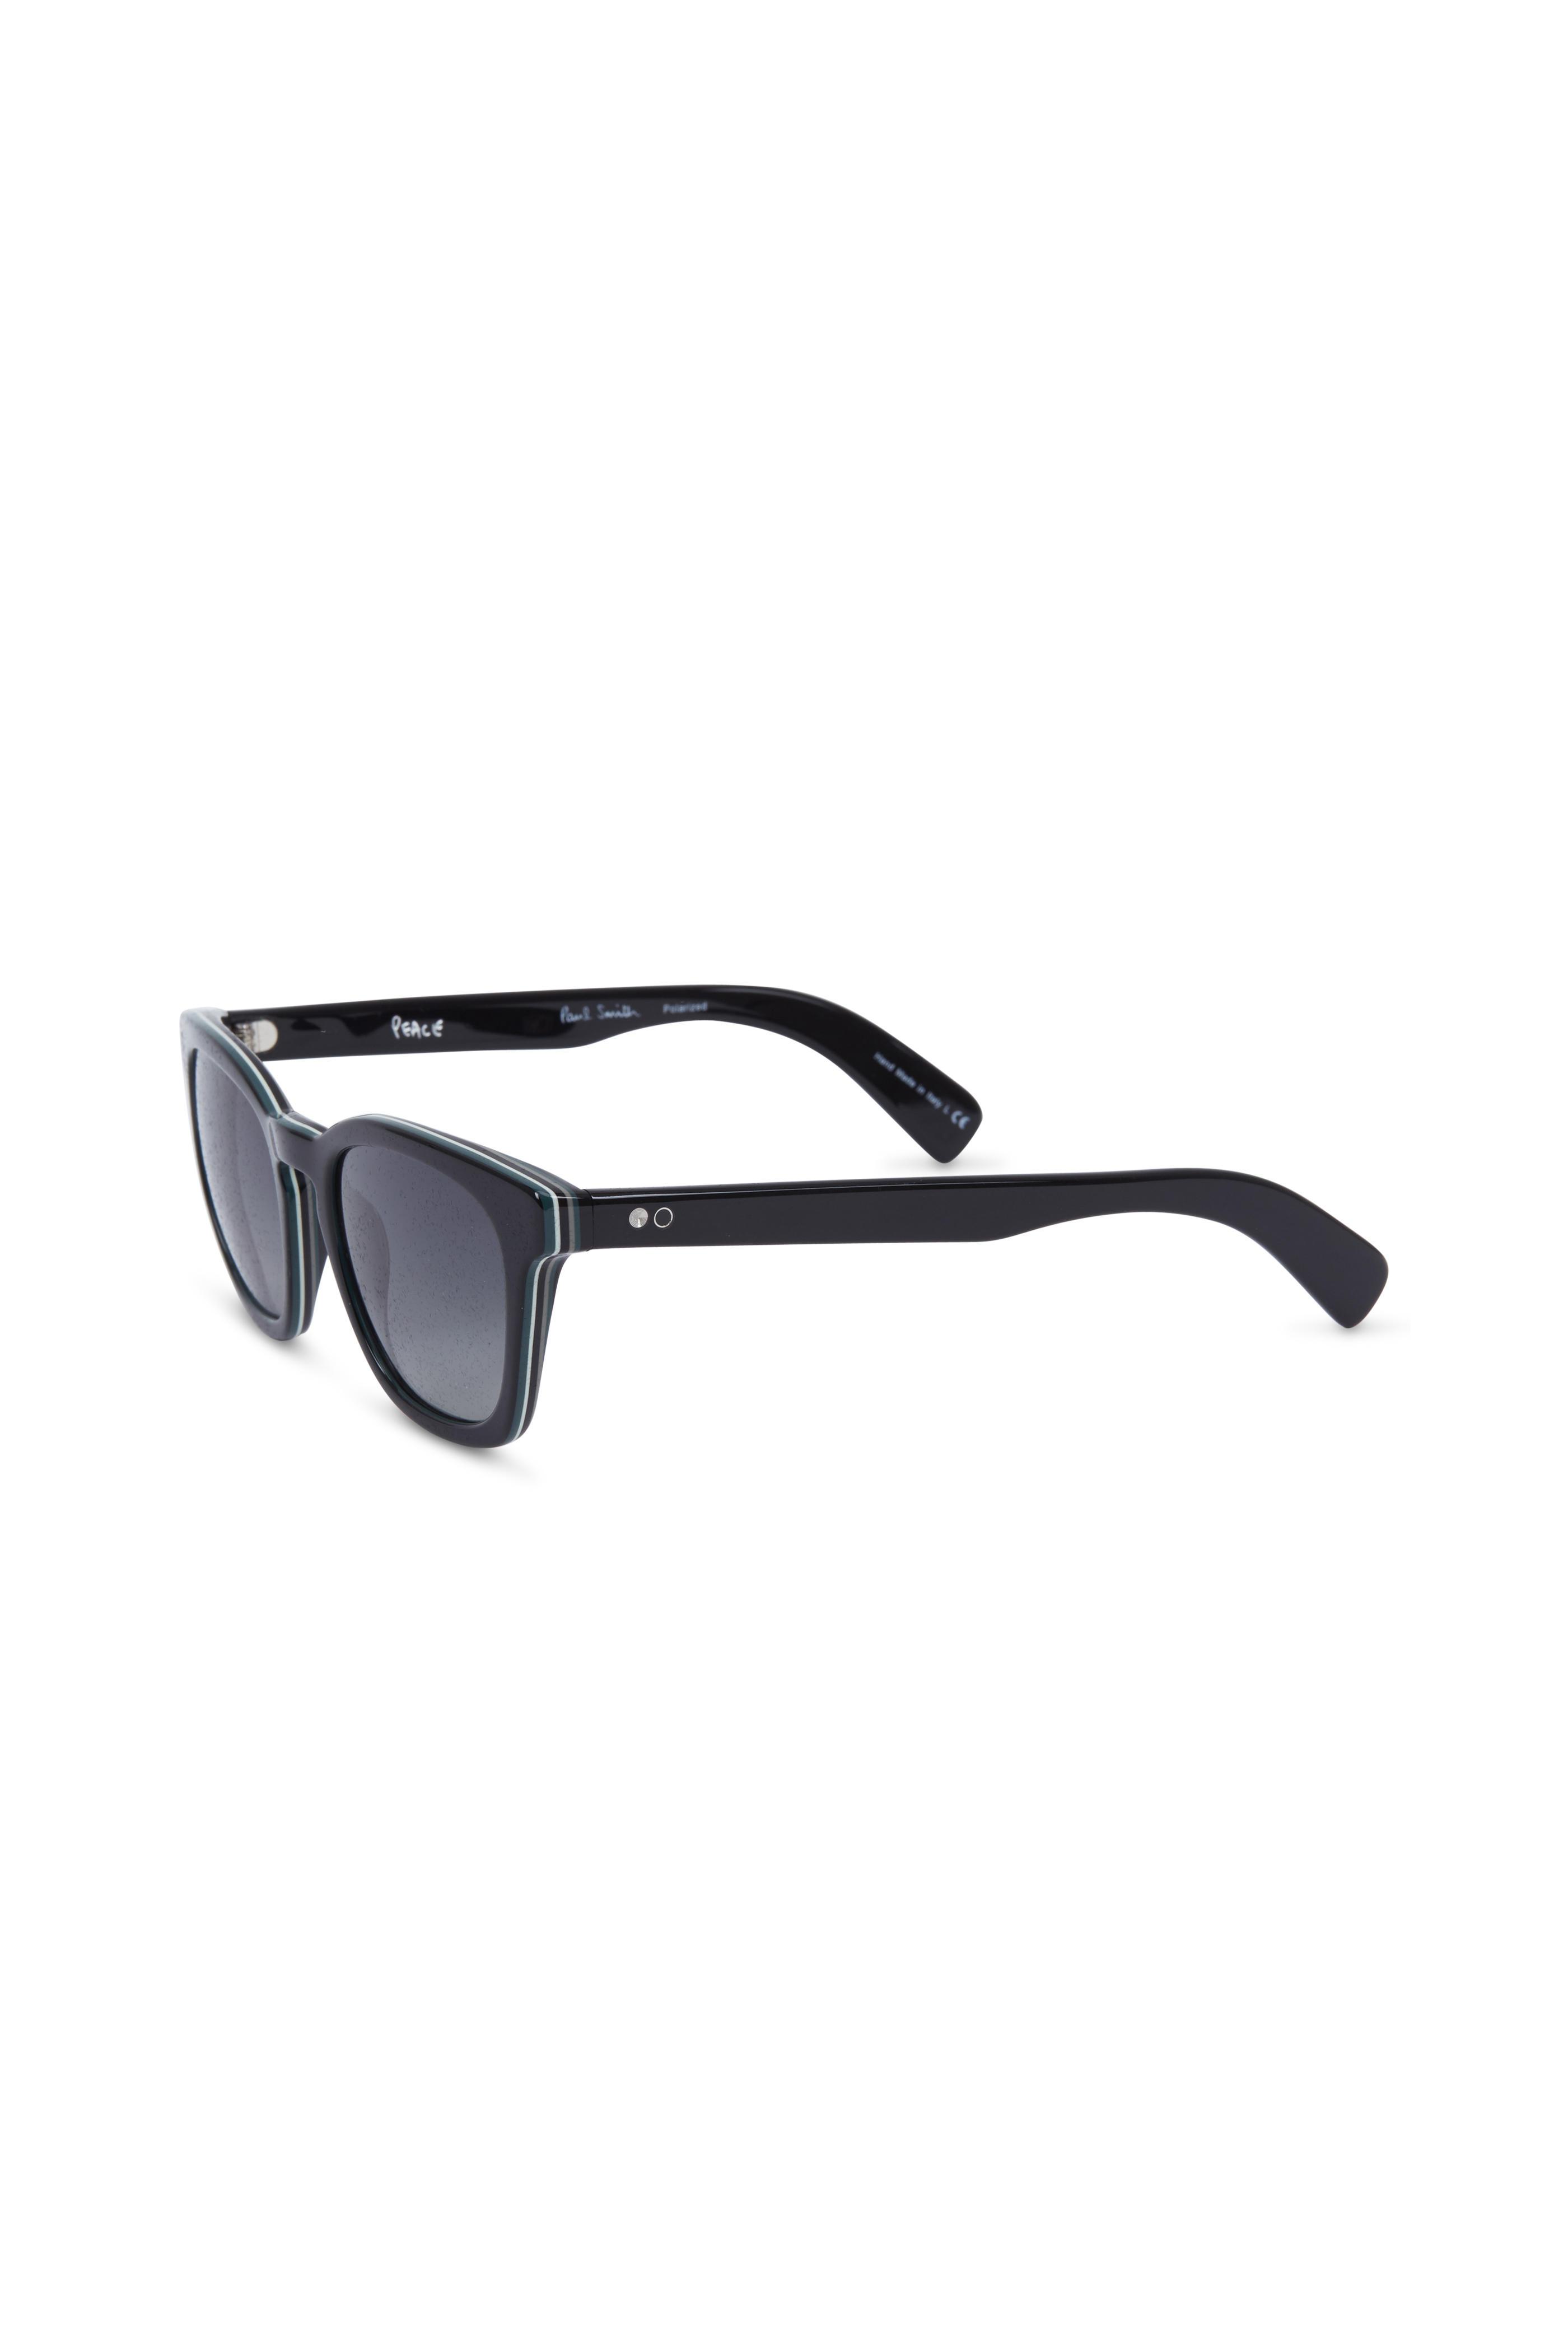 45df1b3628 Paul Smith - Rockley Gray Polarized Wayfarer Sunglasses